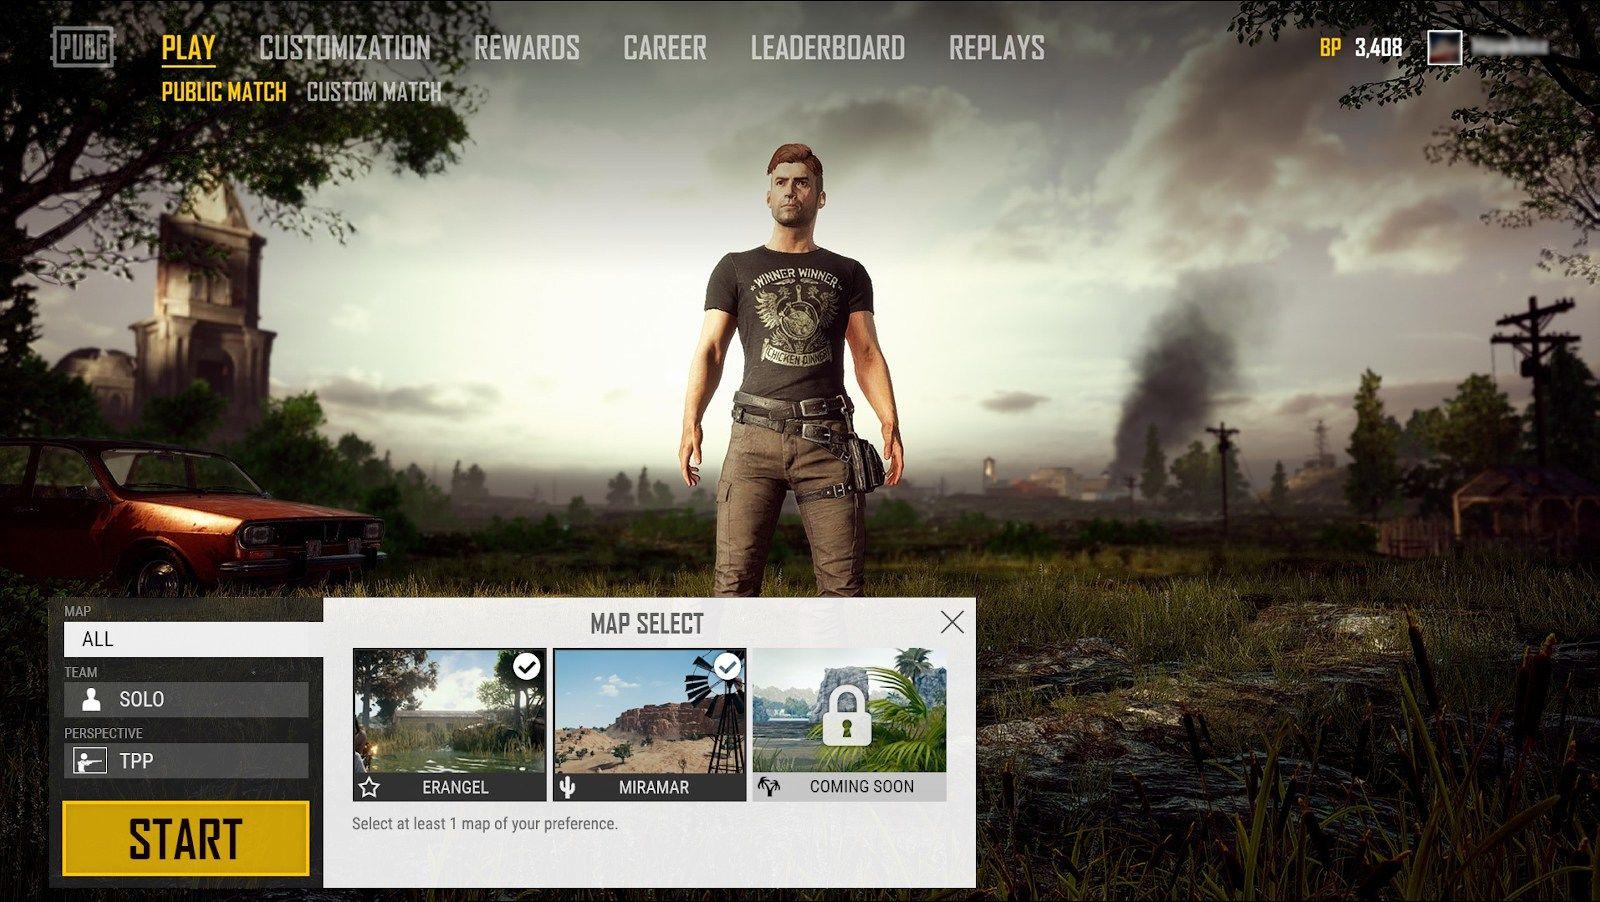 Playerunknown's Battlegrounds'a harita seçme özelliği geliyor